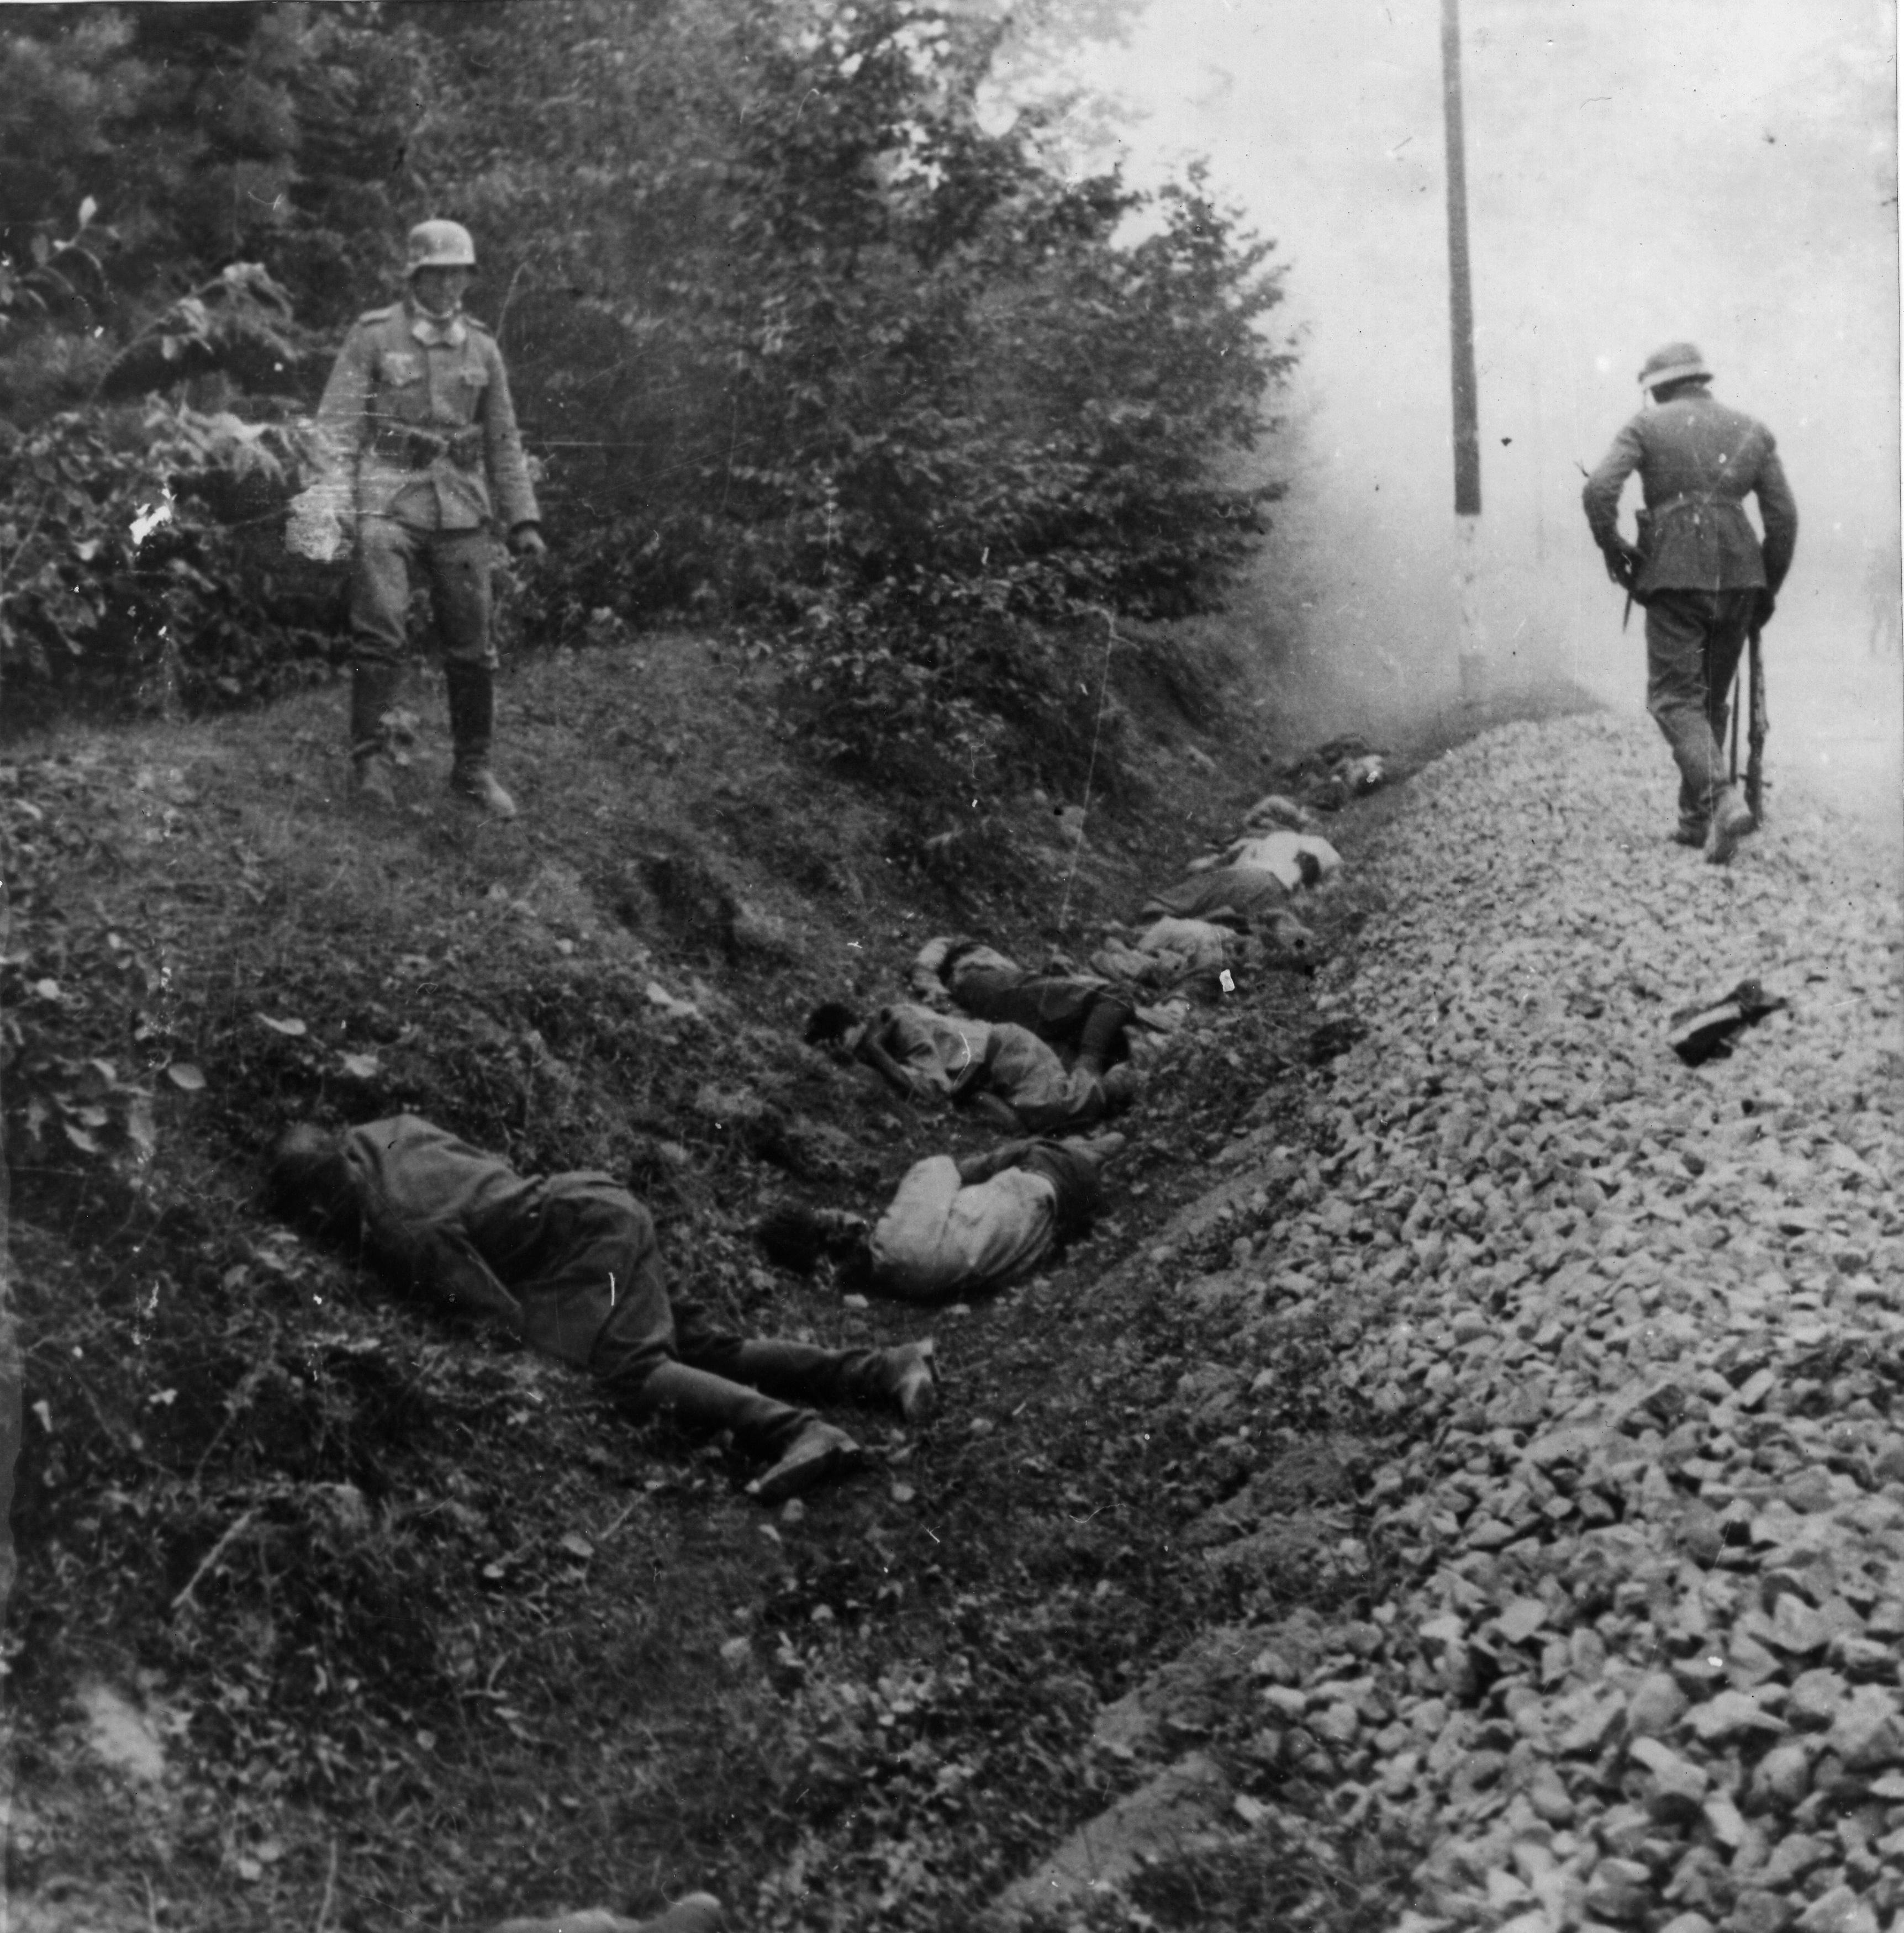 Vom Infanterieregiment 15 (mot.) erschossene polnische Kriegsgefangene in Ciepielów (9. September 1939)